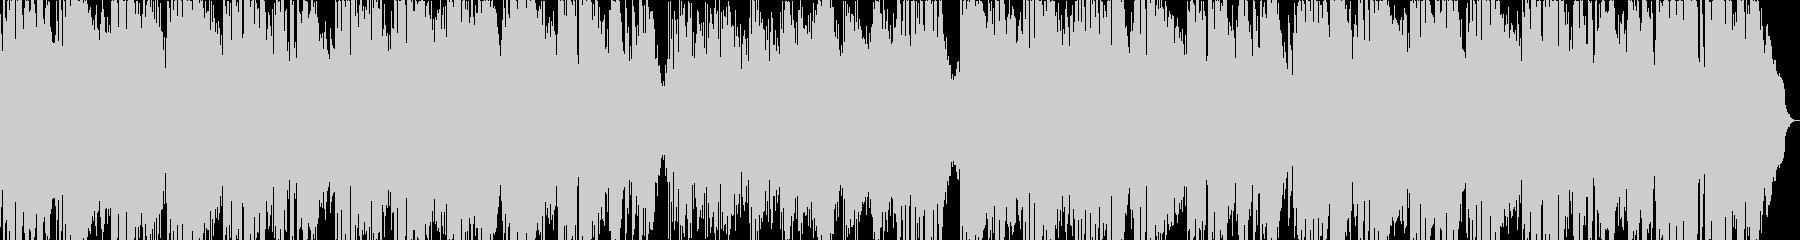 フリューゲルホルン主体のスロー曲の未再生の波形